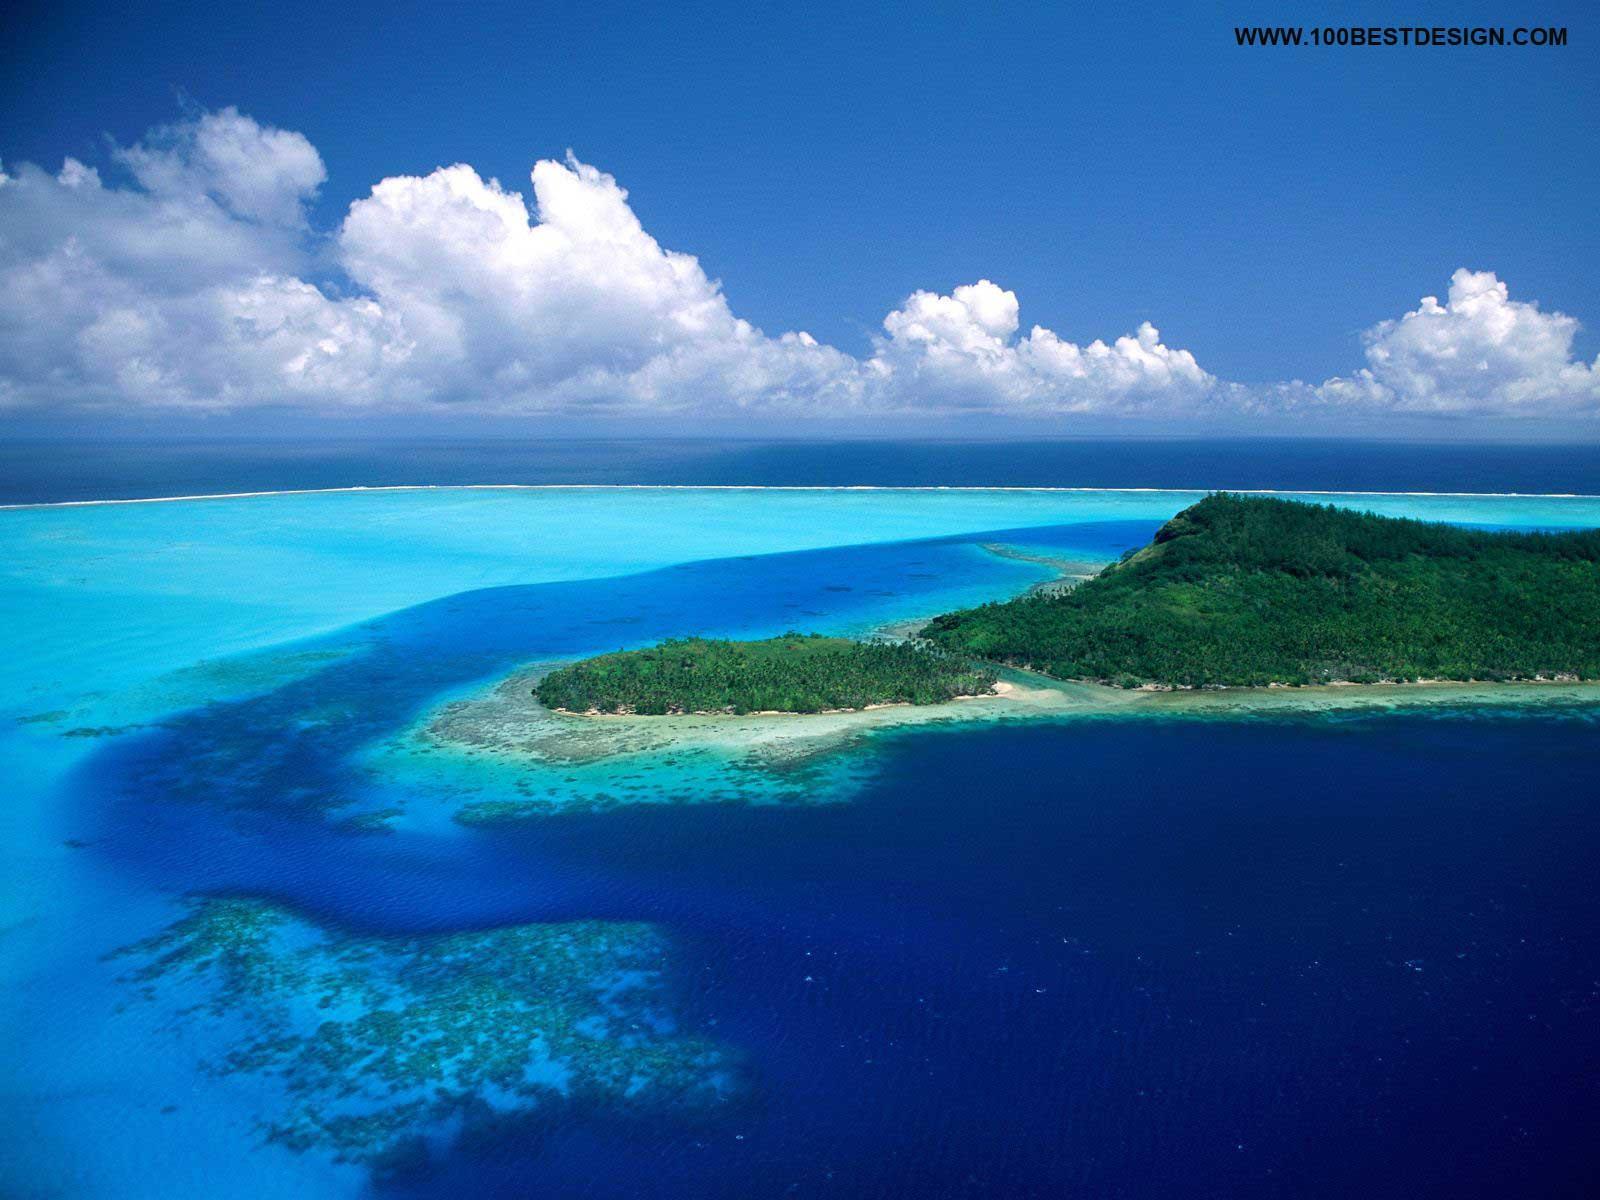 Top 100 nice nature desktop wallpaper and background Pacific ocean